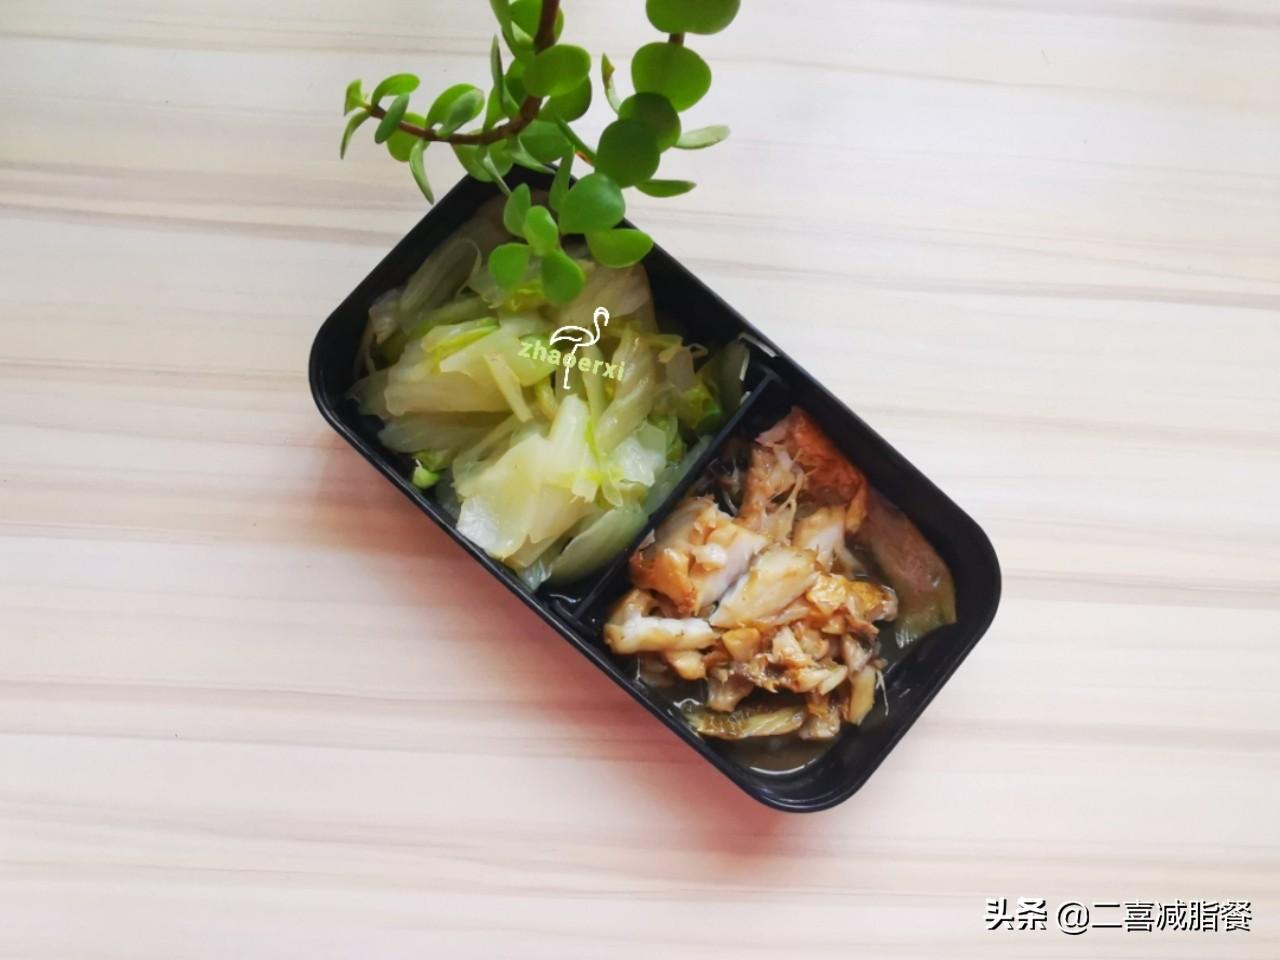 营养师的一天的减脂三餐,补脾养胃的糖醋大黄鱼做法来了 减肥菜谱做法 第14张